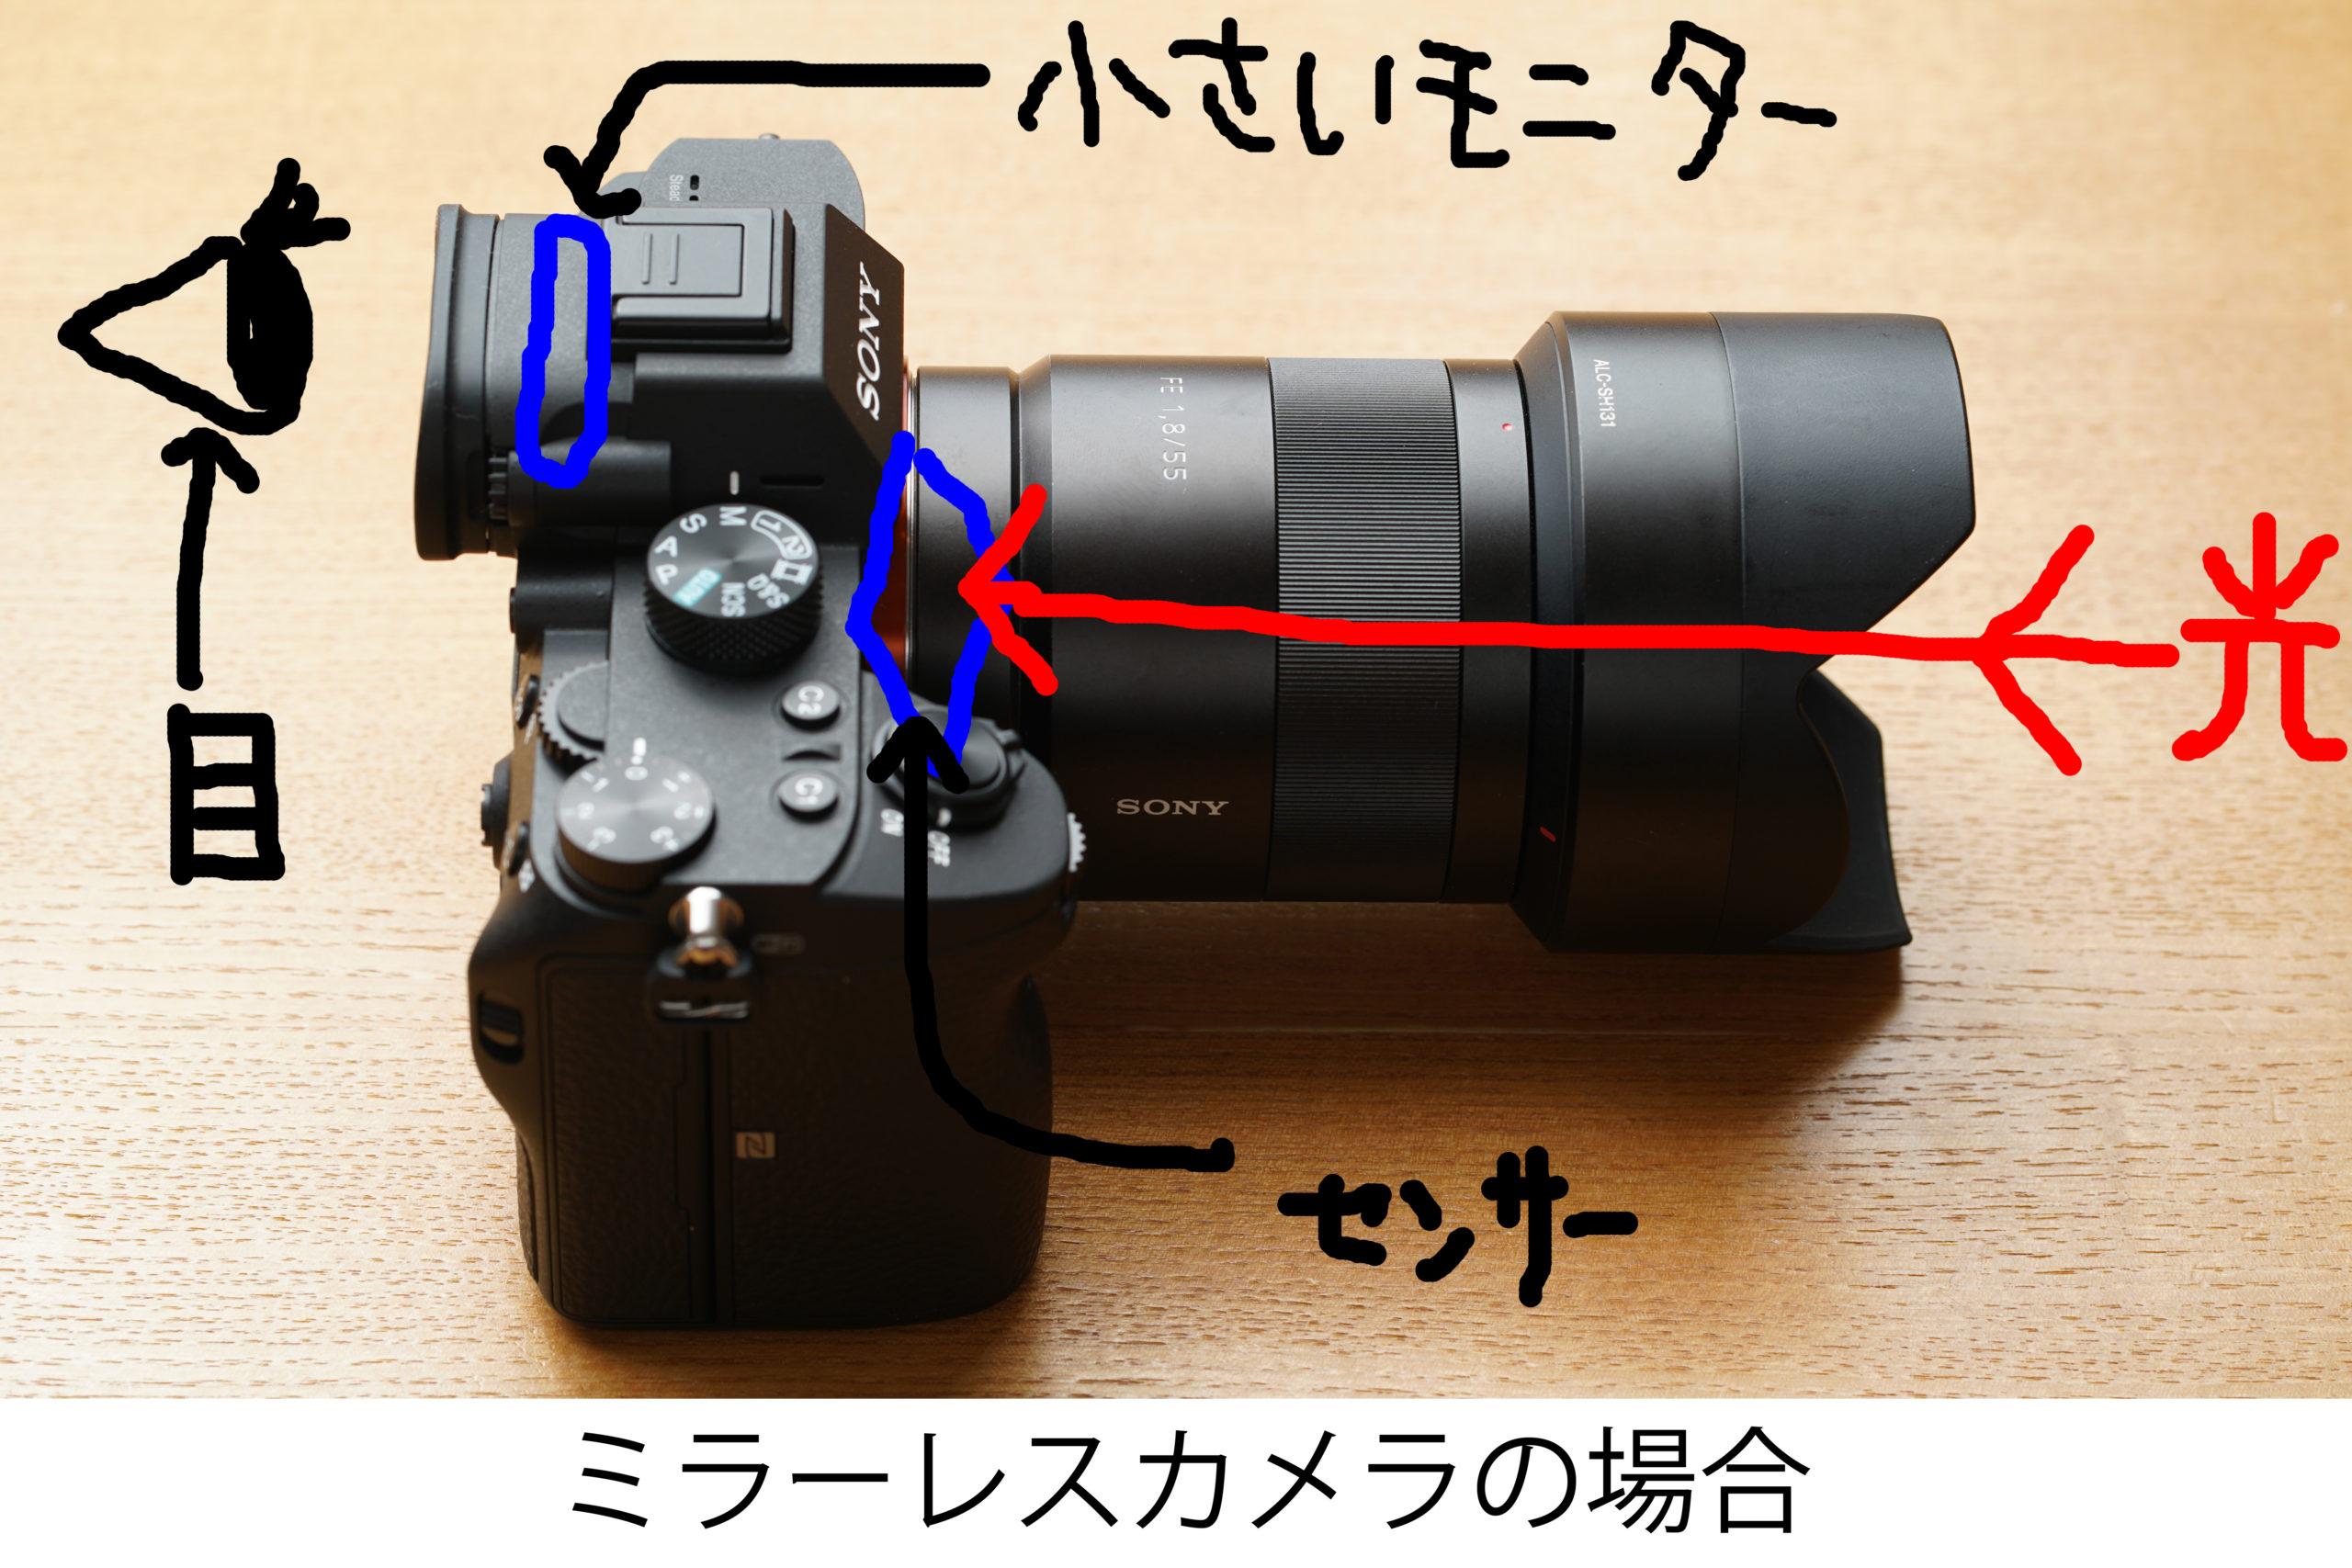 福岡の出張撮影サービス「RYO PHOTO(リョウフォト)」の出張カメラマン山口が福岡で出張撮影したカメラの写真